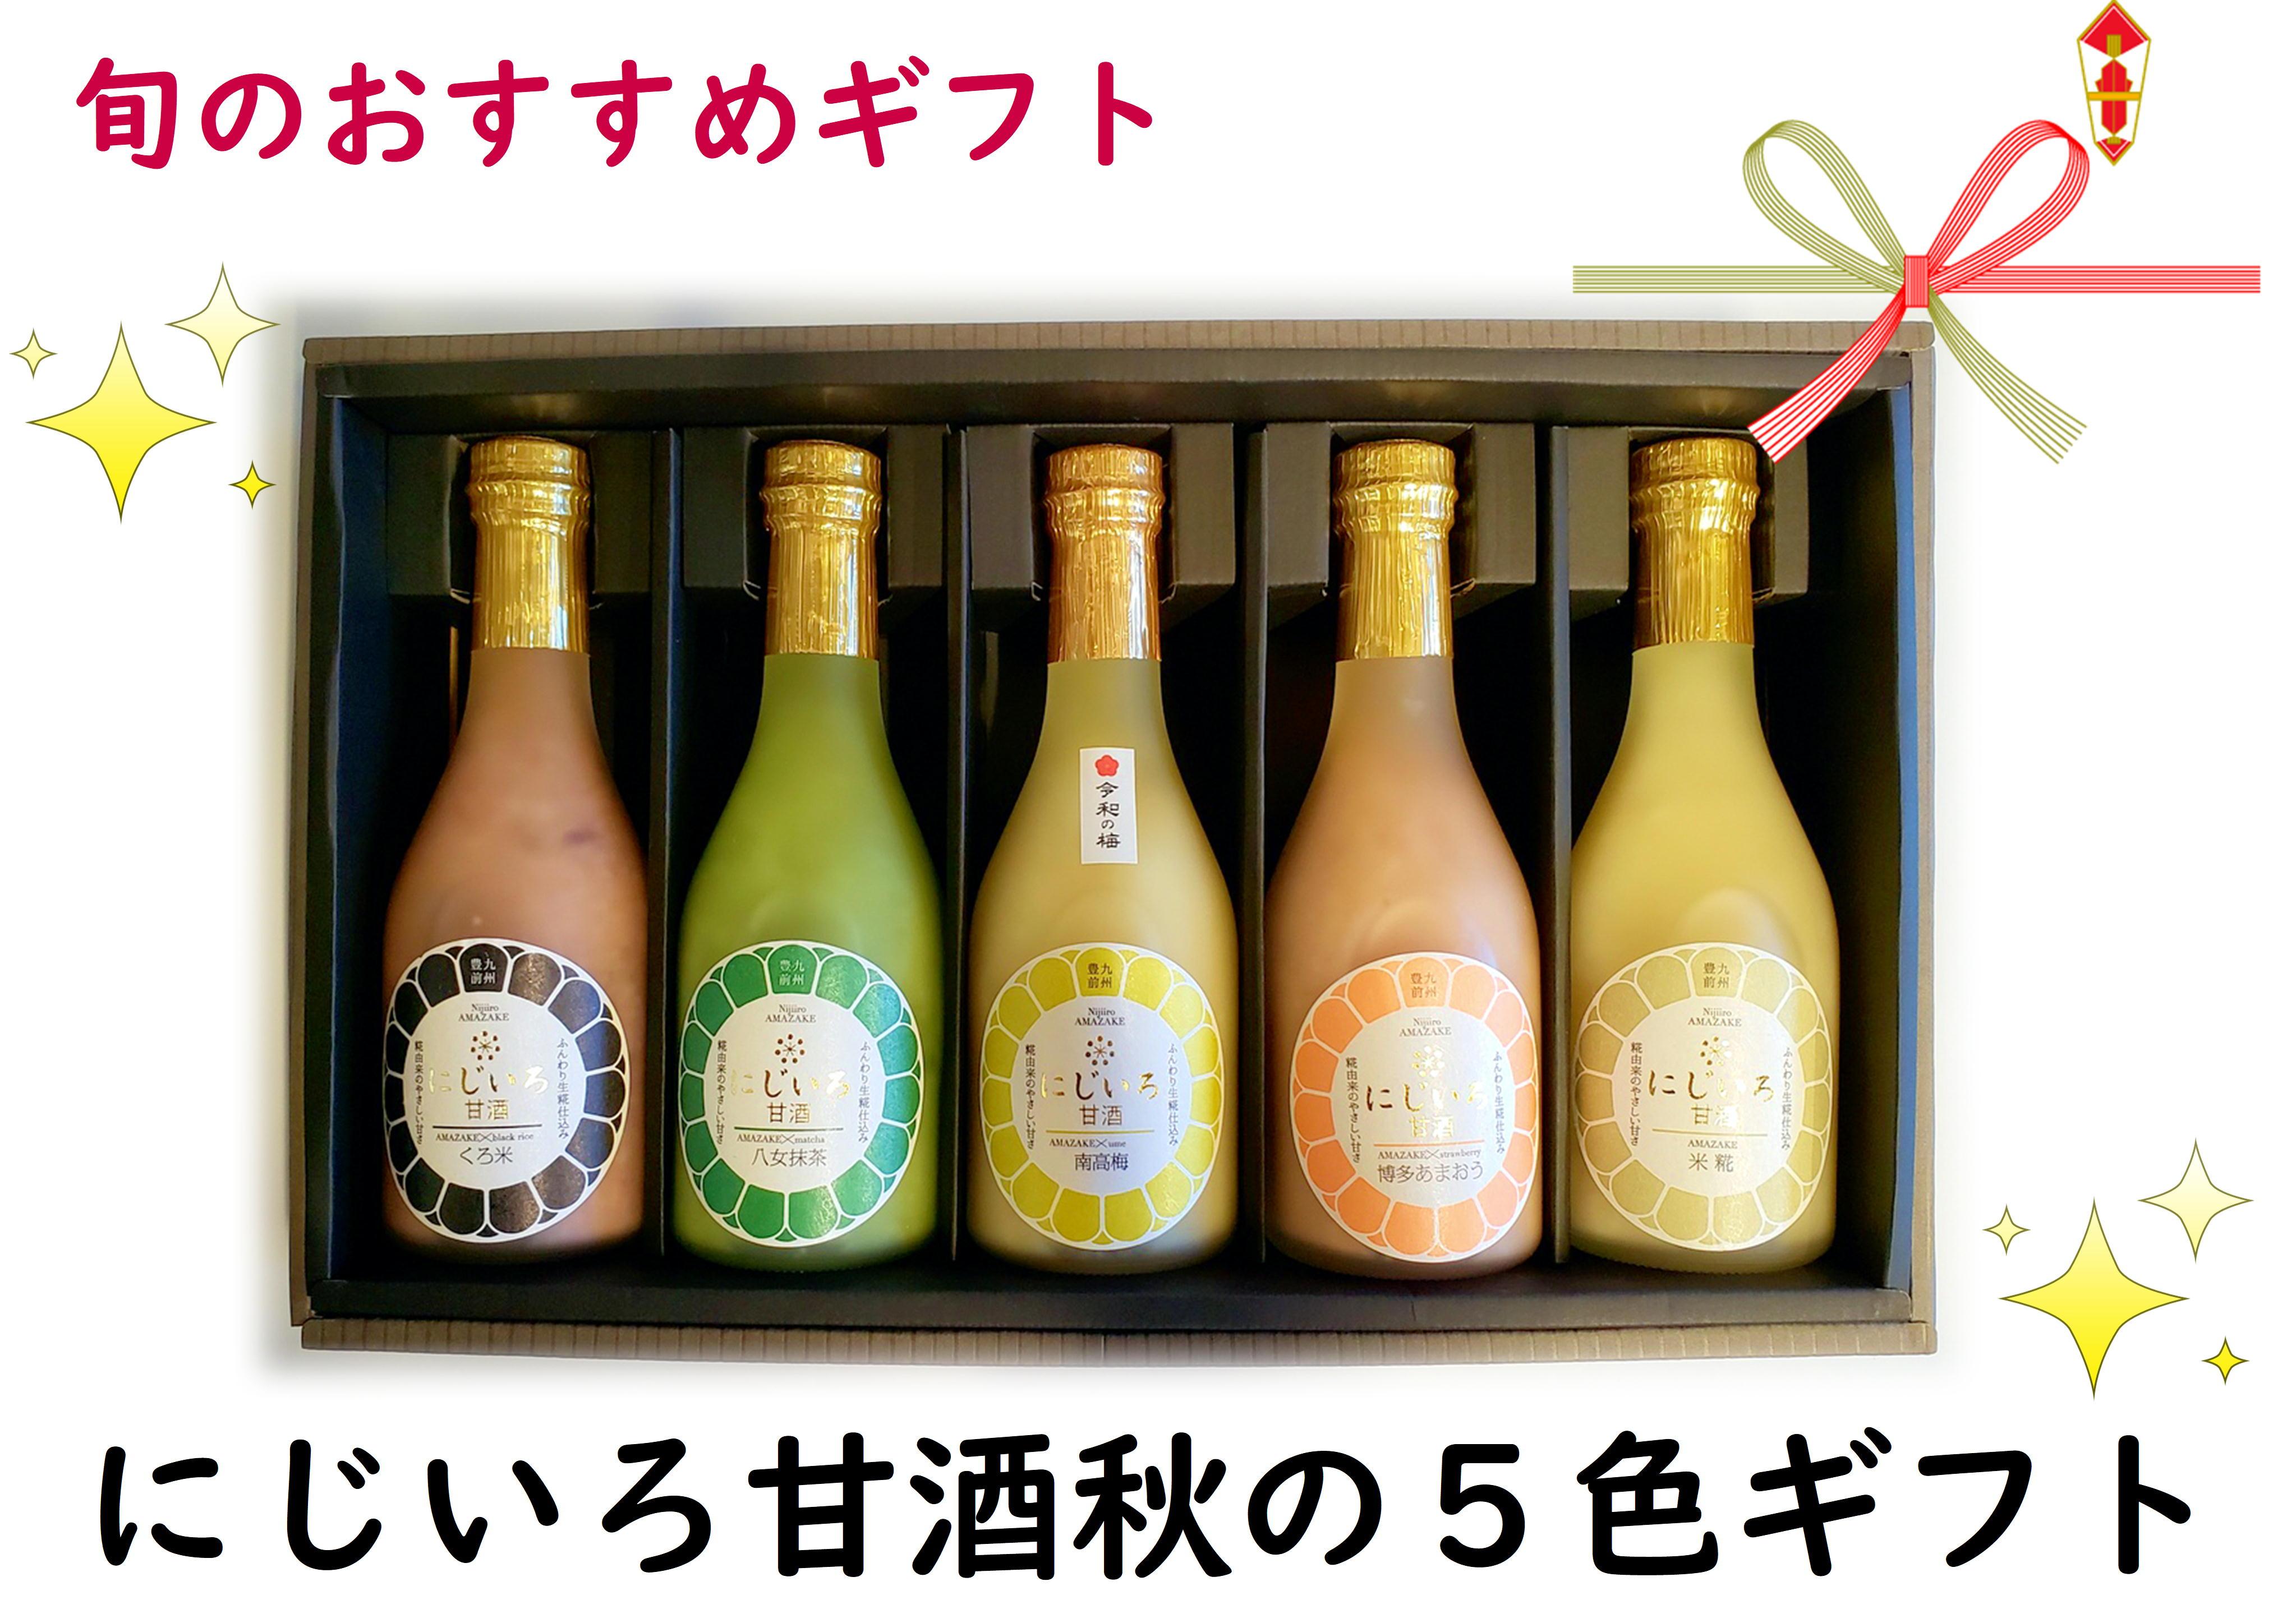 にじいろ甘酒 令和の5色ギフト(南高梅・博多あまおう・八女抹茶・くろ米・米糀)